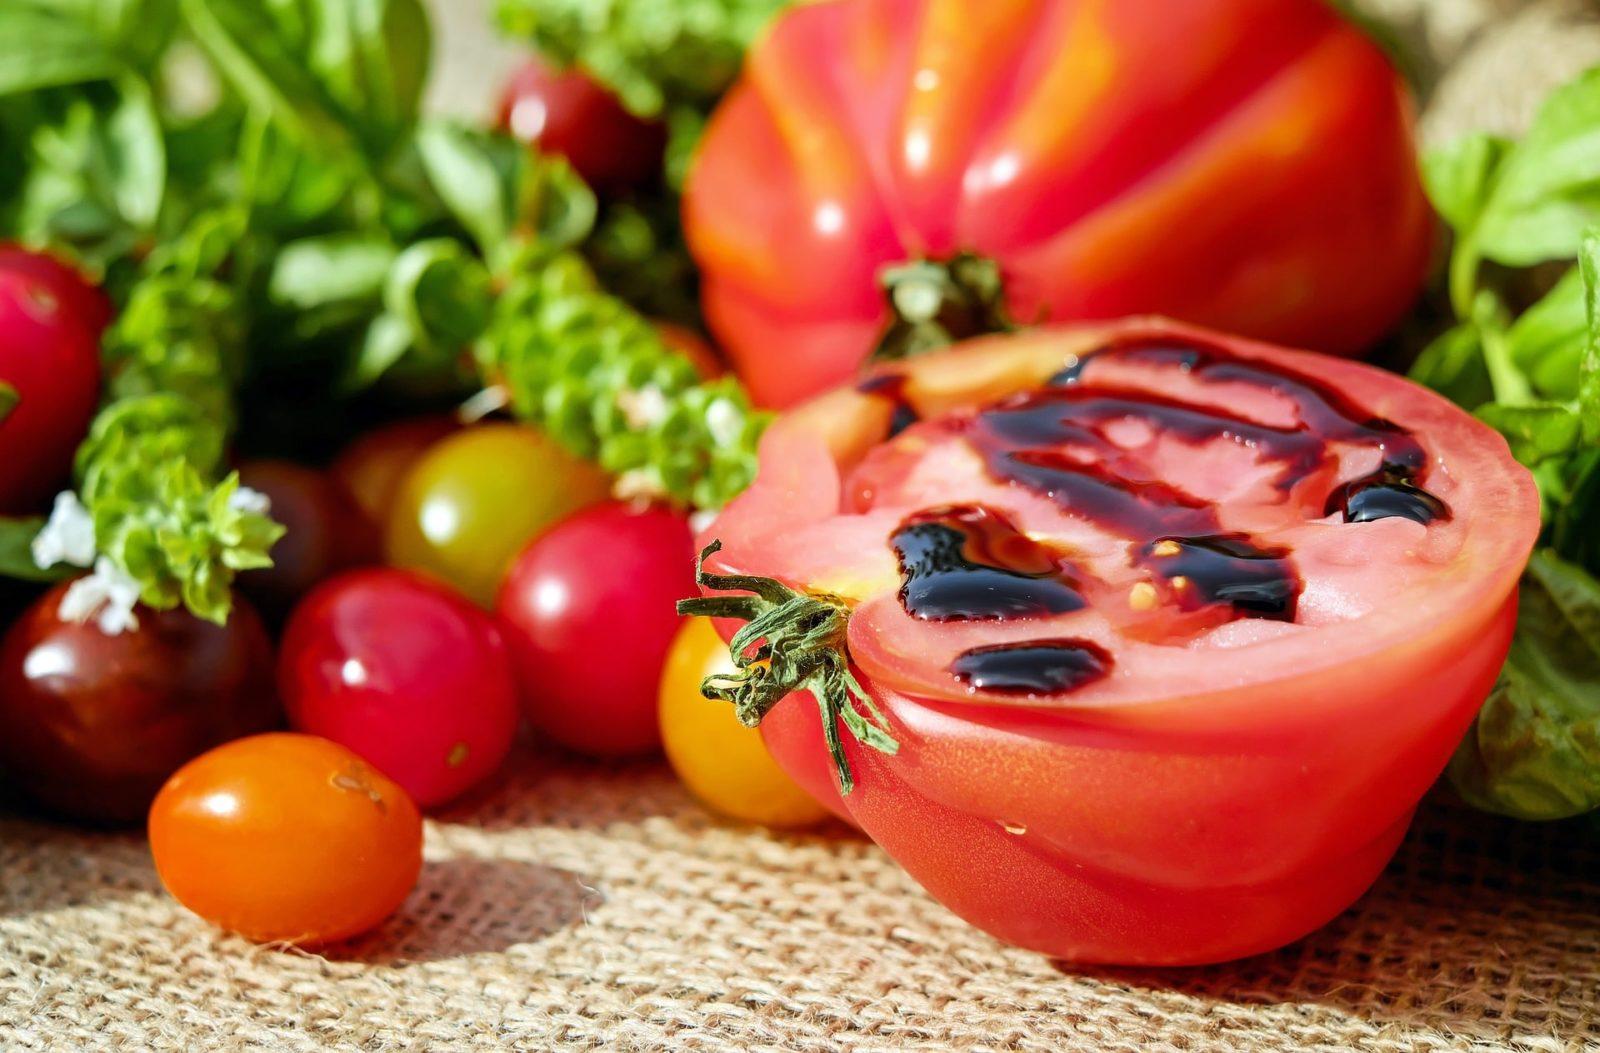 Kriminell und gut - alte Gemüsesorten